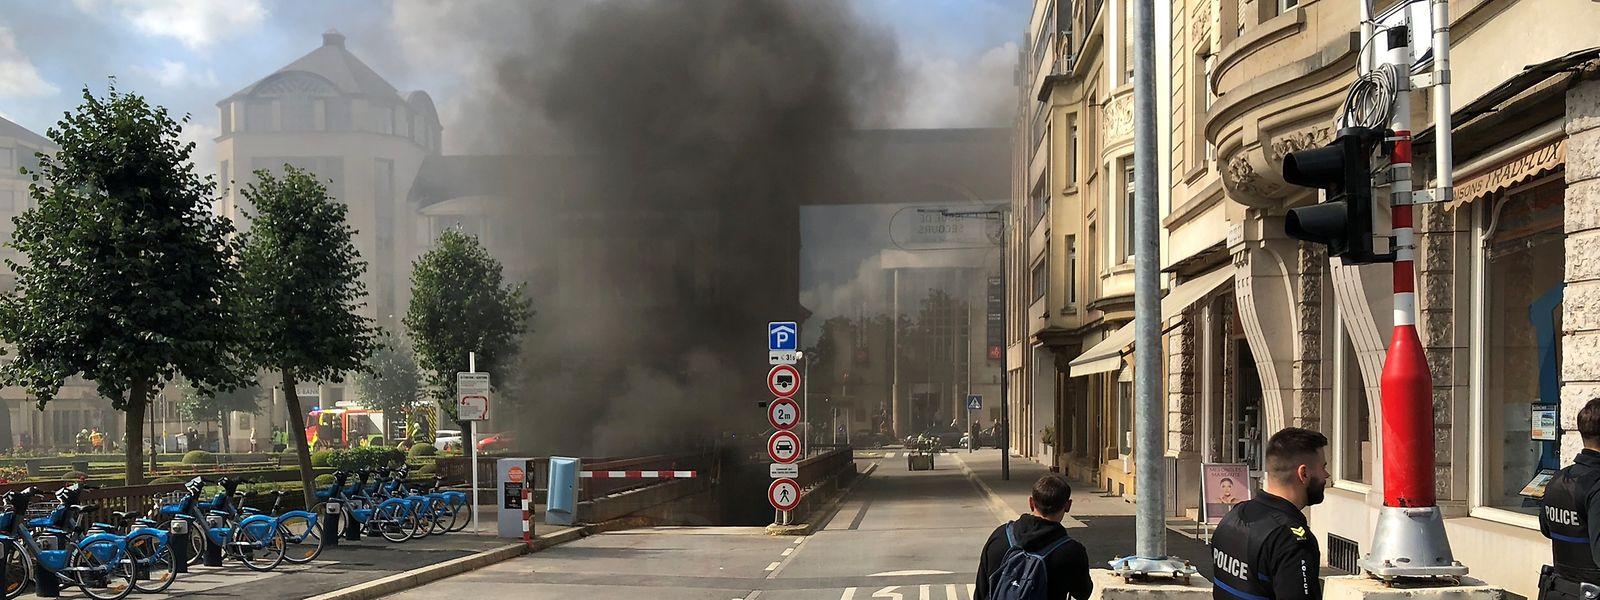 L'analyse de la situation après l'incendie du parking des Martyrs le lundi 9 septembre vers midi a permis au conseil échevinal de livrer son verdict, ce lundi.